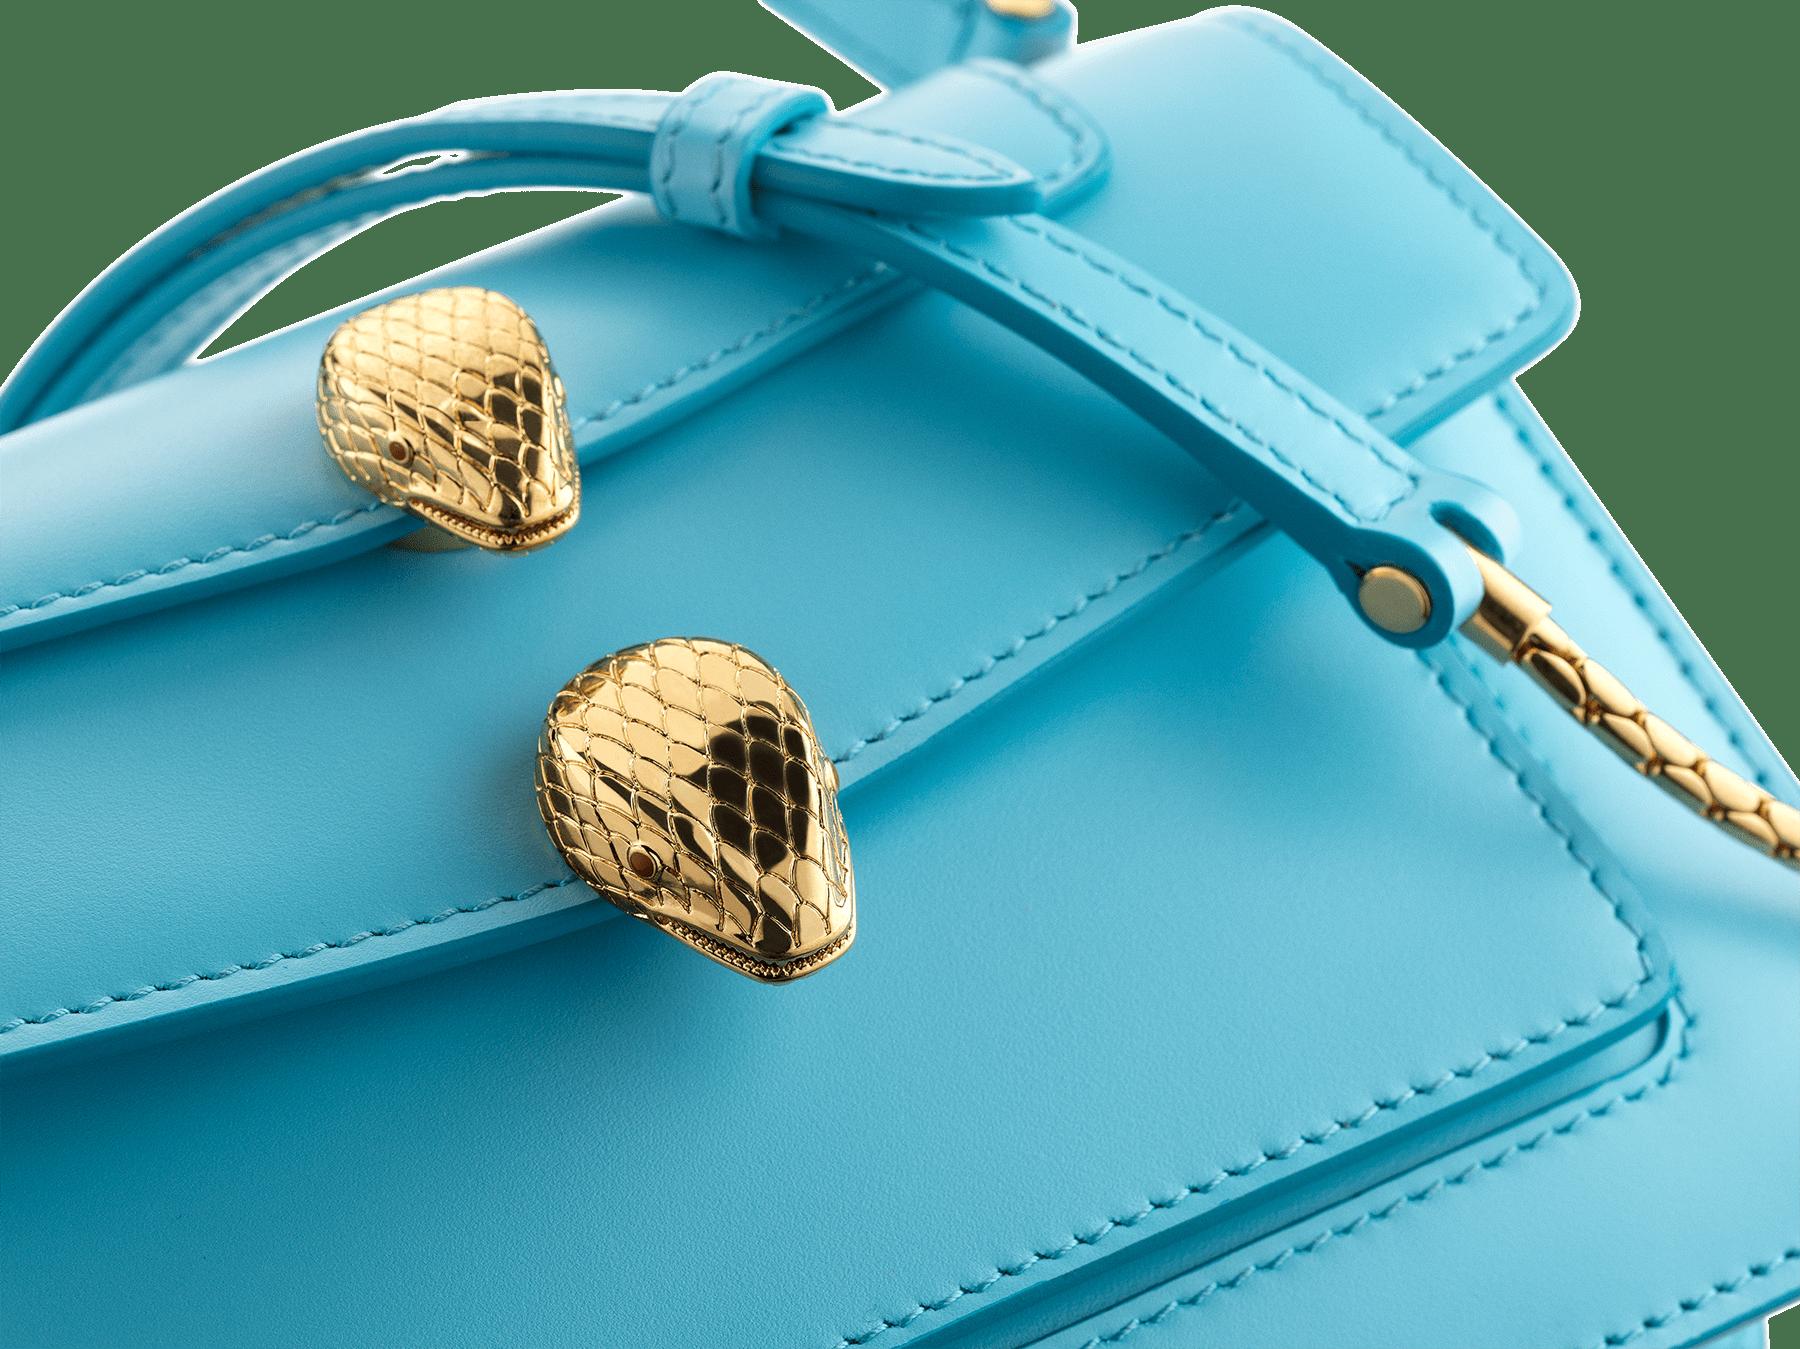 Belt bag Alexander Wang x Bvlgari en cuir de veau lisse pêche. Nouveau fermoir Serpenti double en laiton doré ancien avec yeux en émail rouge envoûtants. SFW-001-1029S image 6